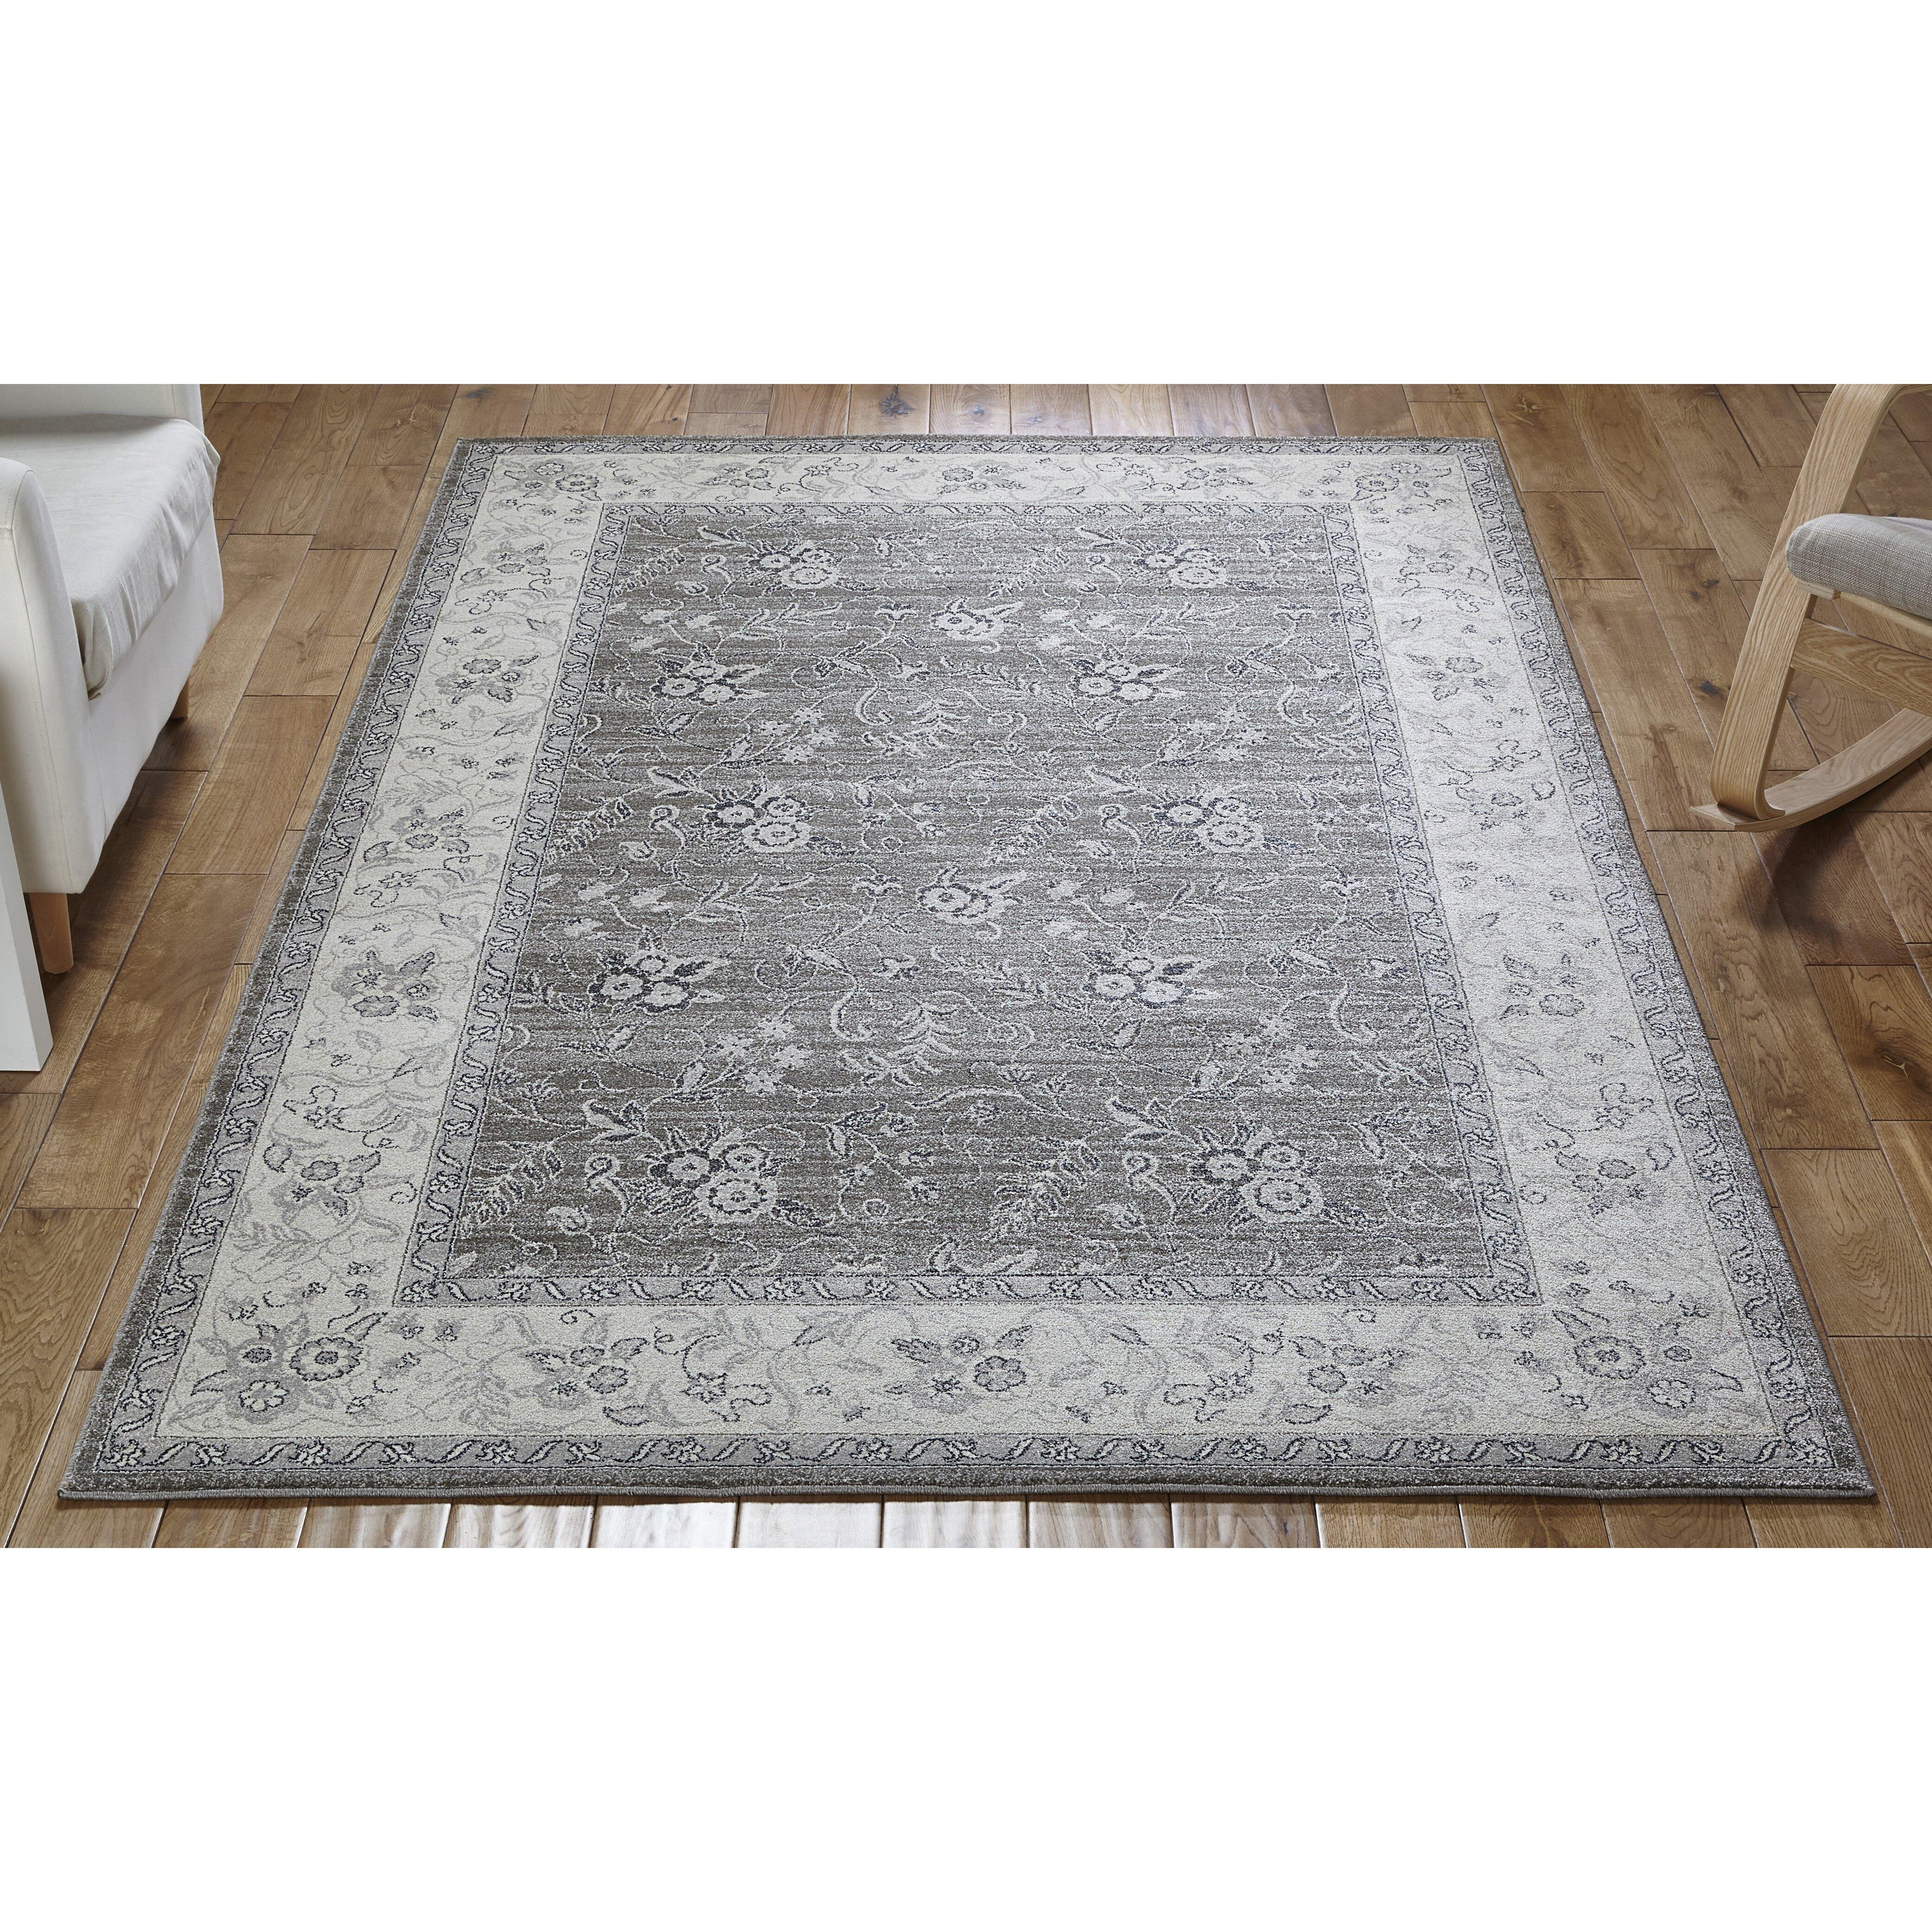 Oriental Weavers Teppich Richmond in Creme Grau von